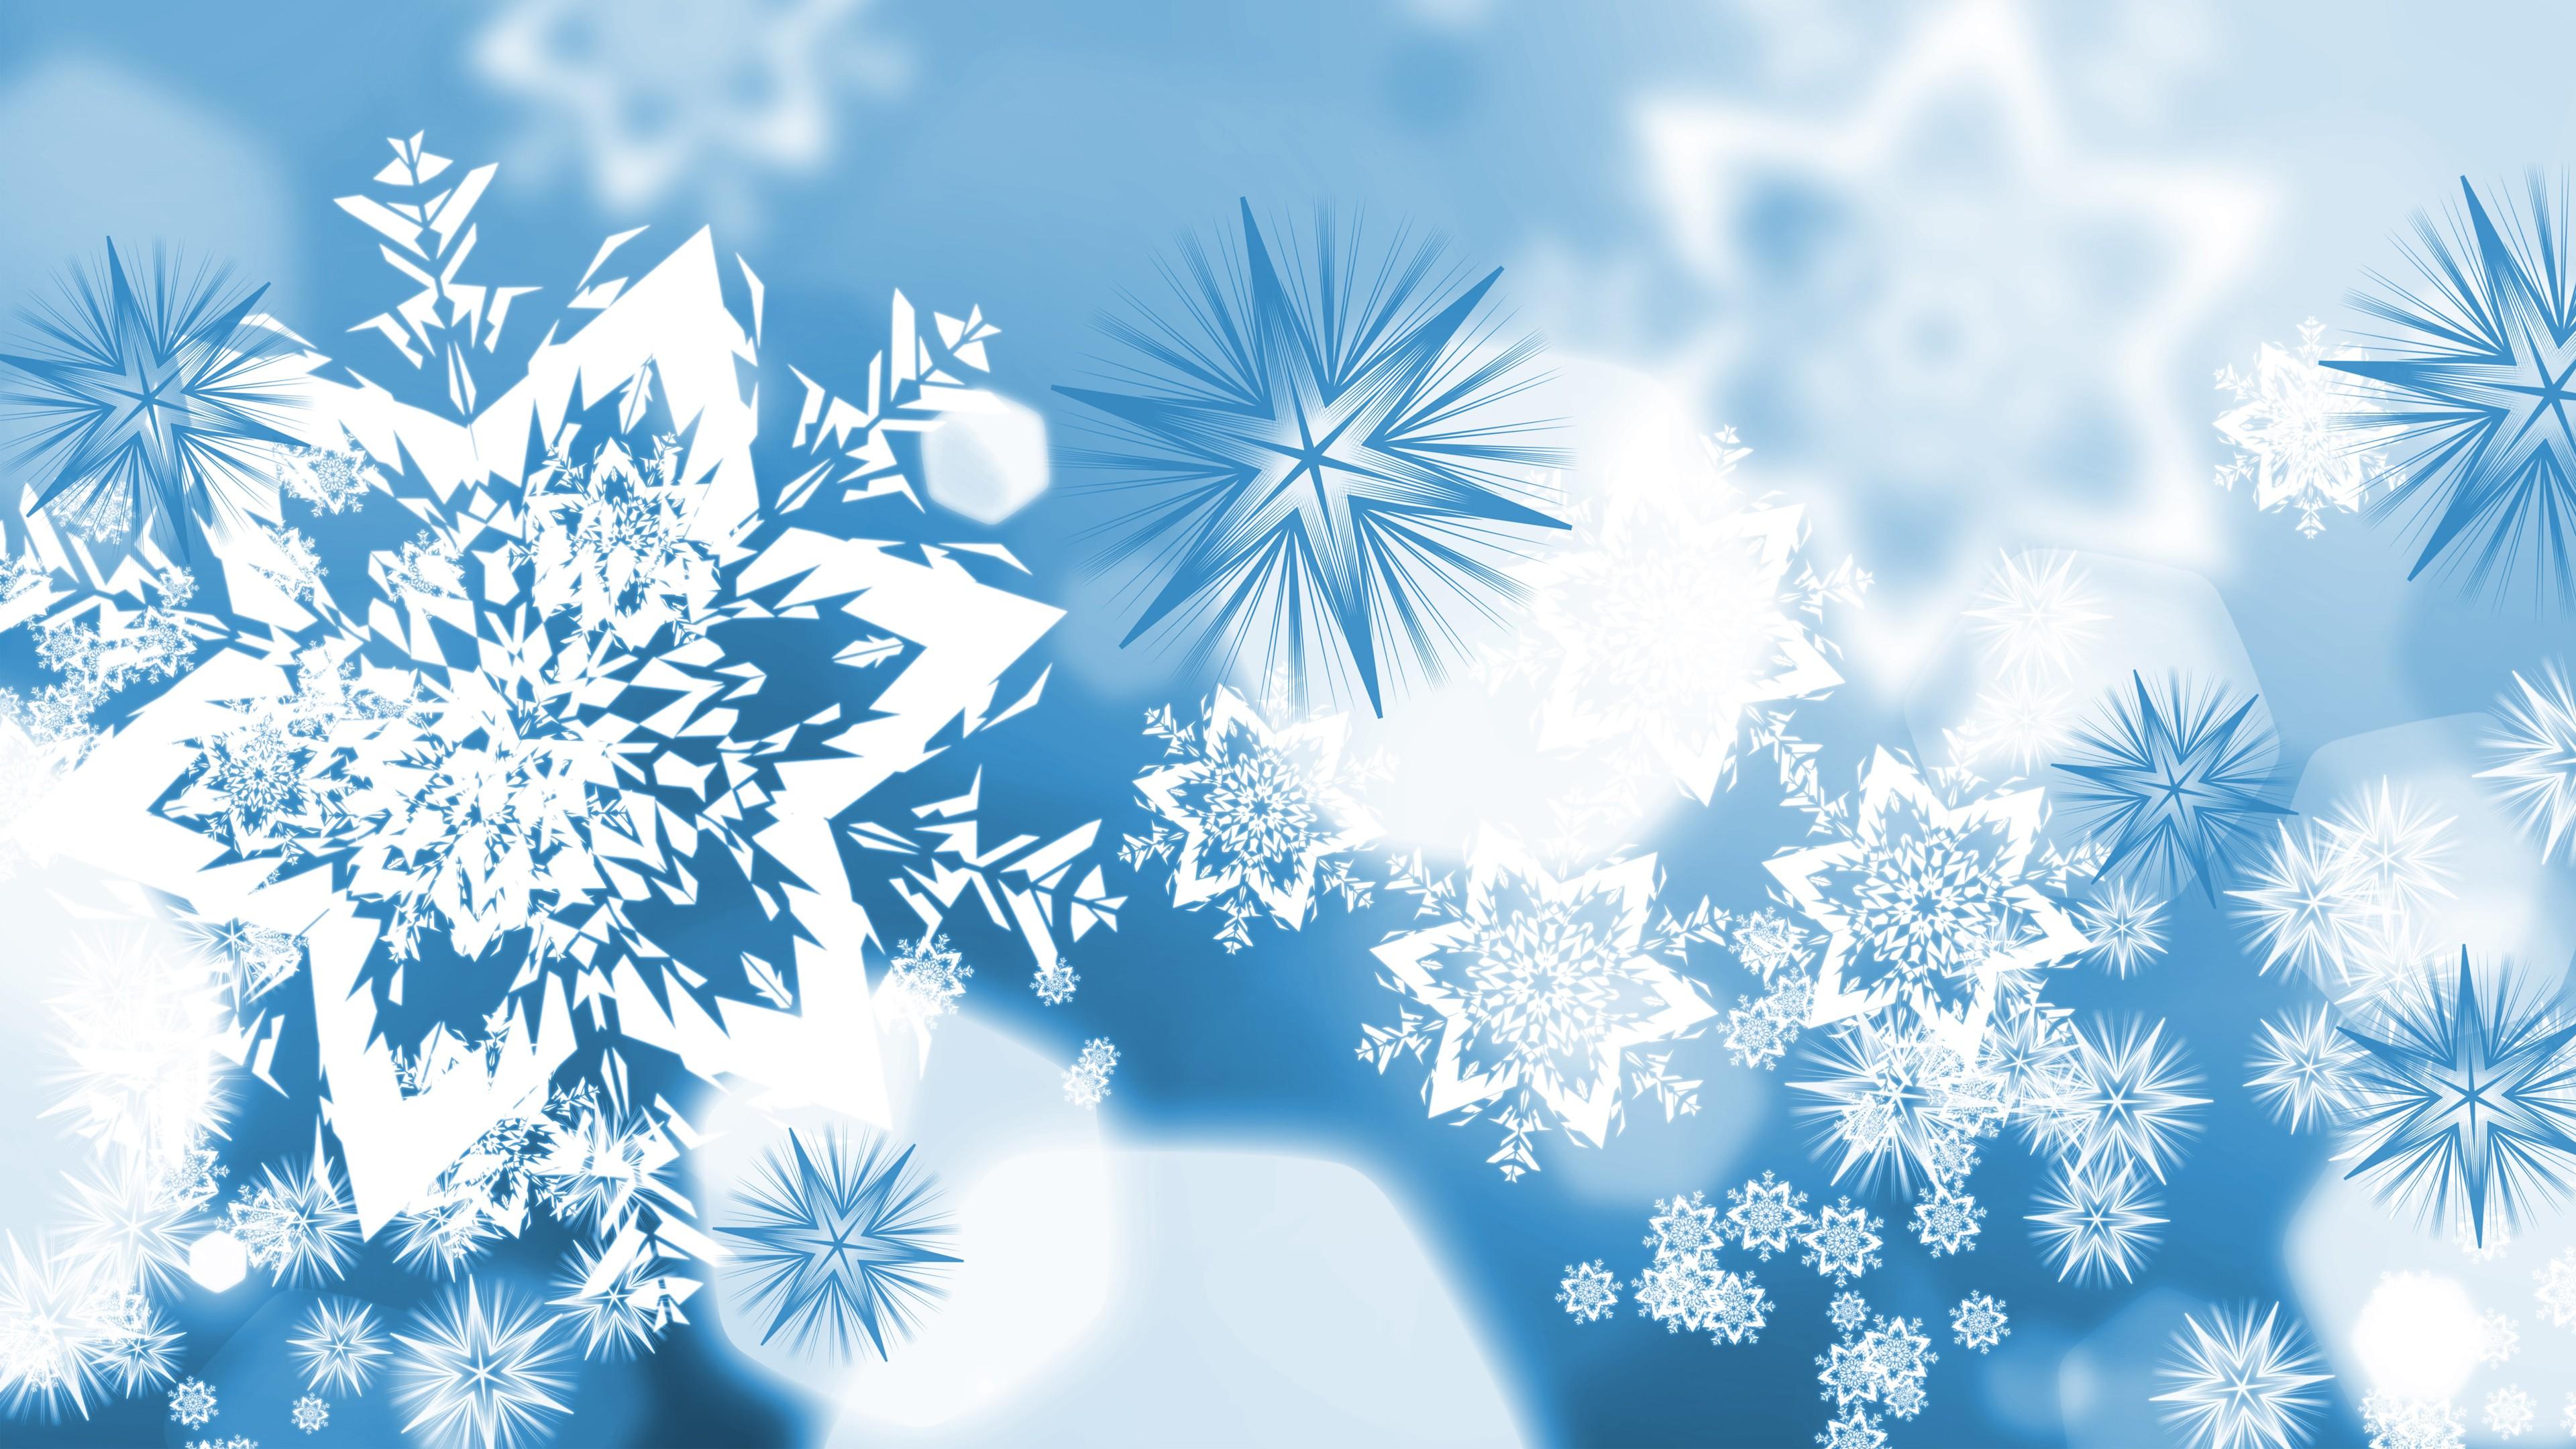 открытка зима снежинка качественные снимки